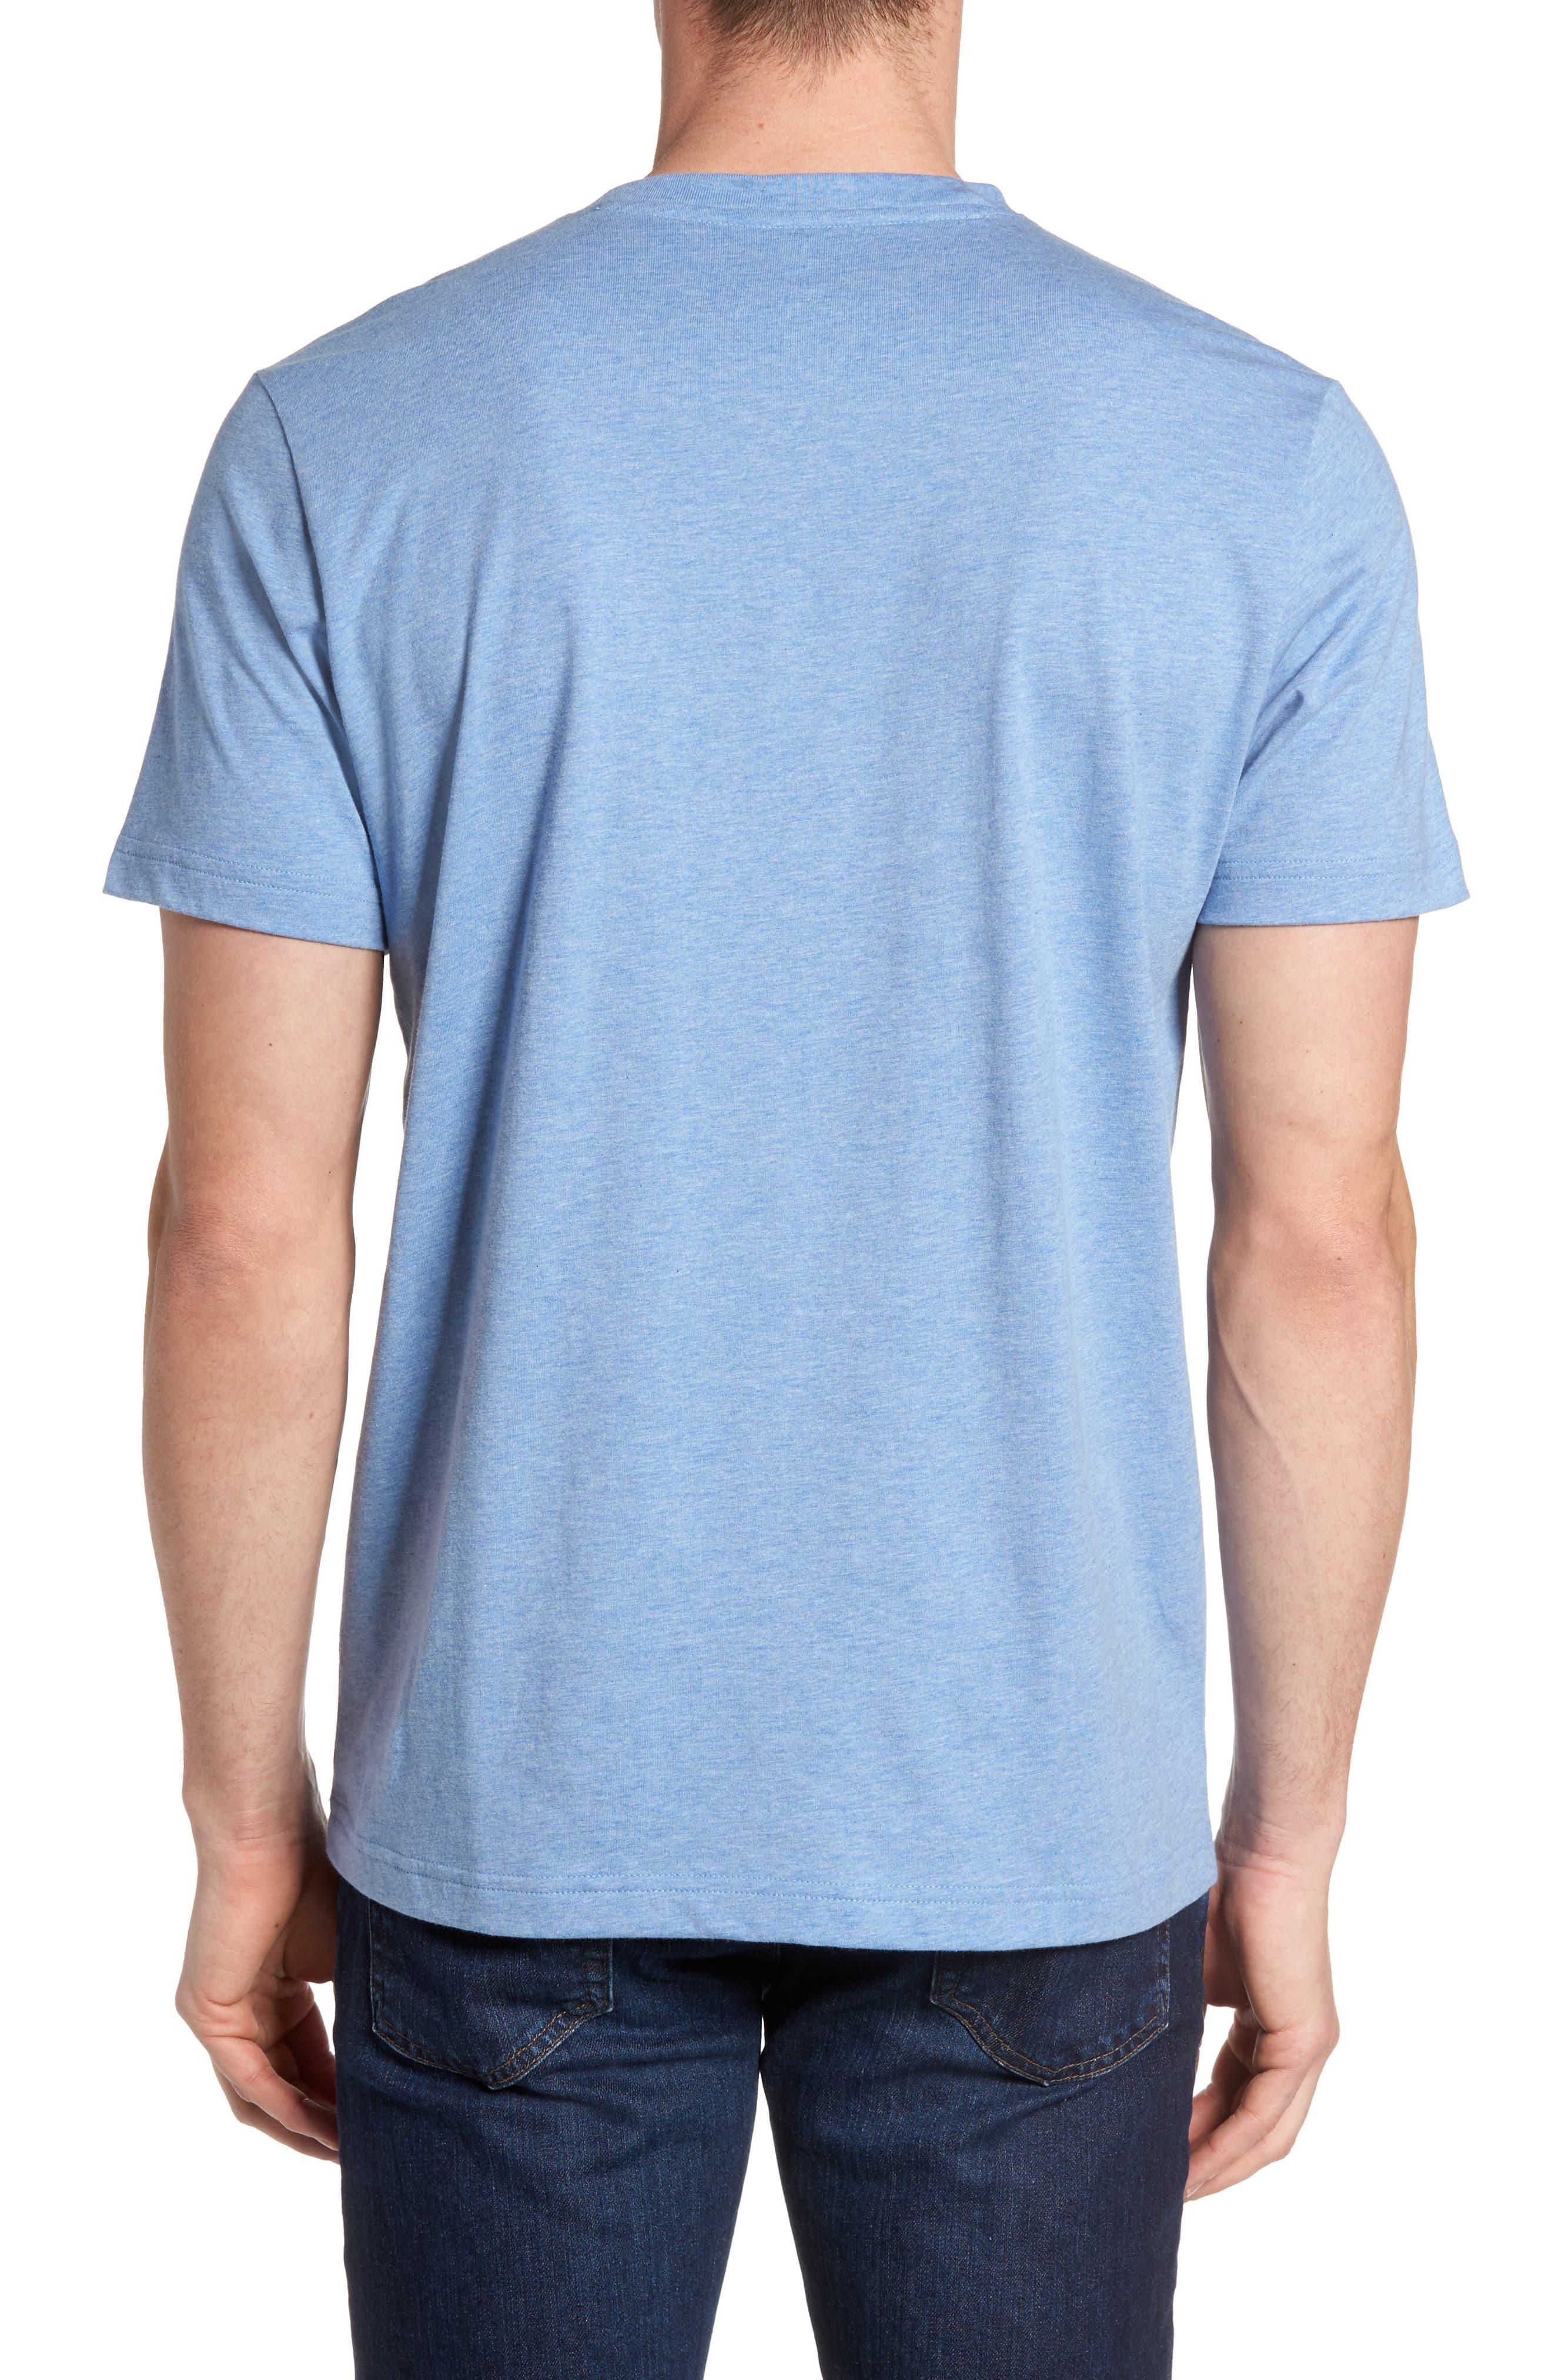 Alternate Image 2  - Psycho Bunny Classic V-Neck T-Shirt